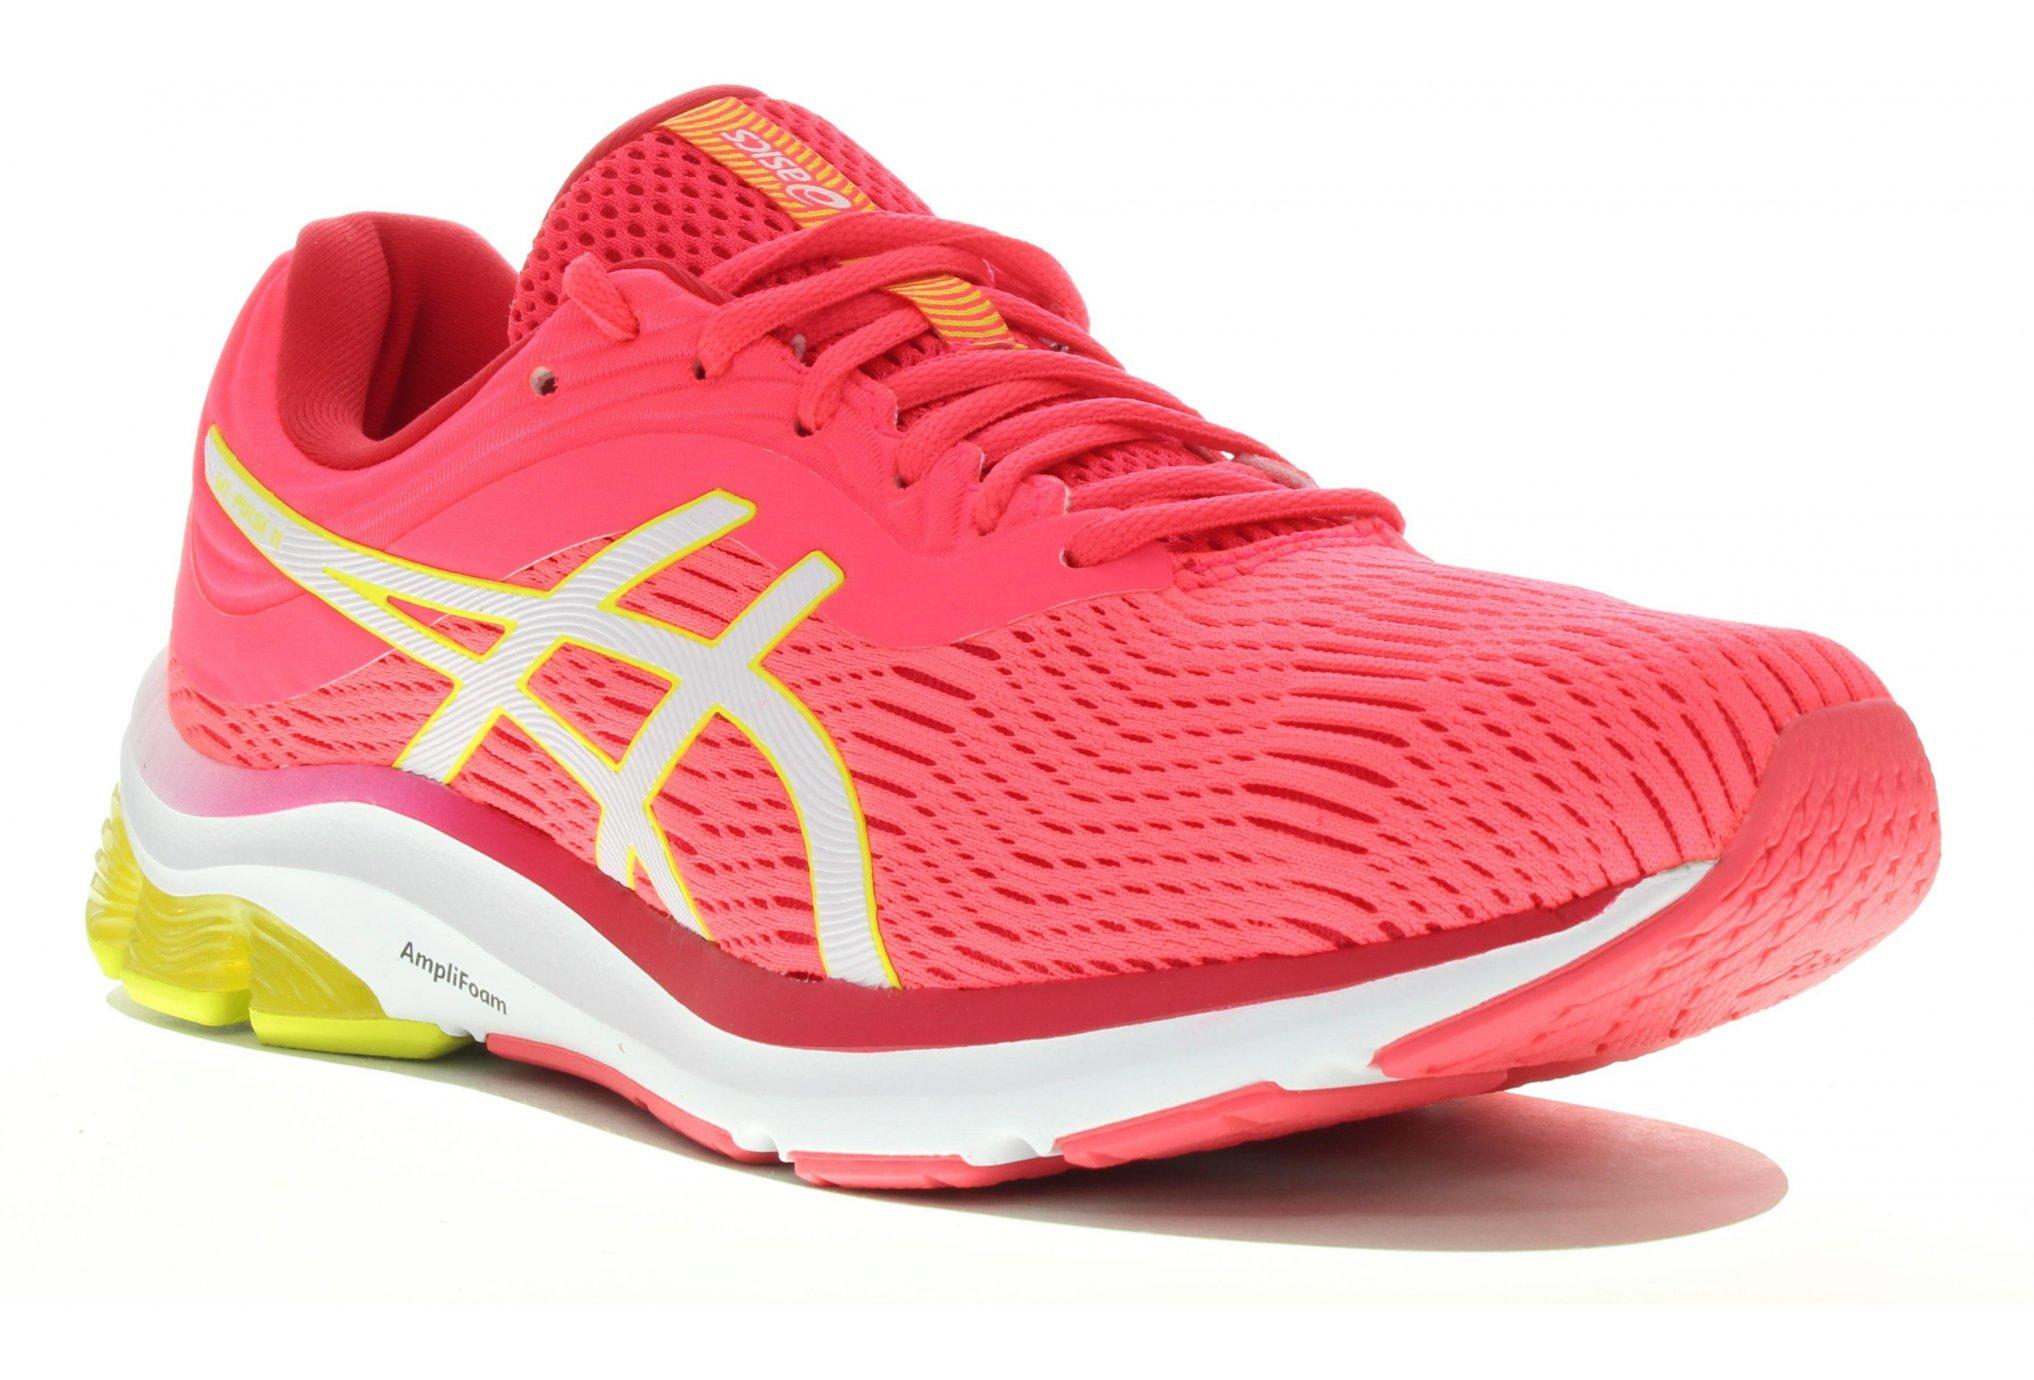 Asics Gel Pulse 11 Chaussures running femme